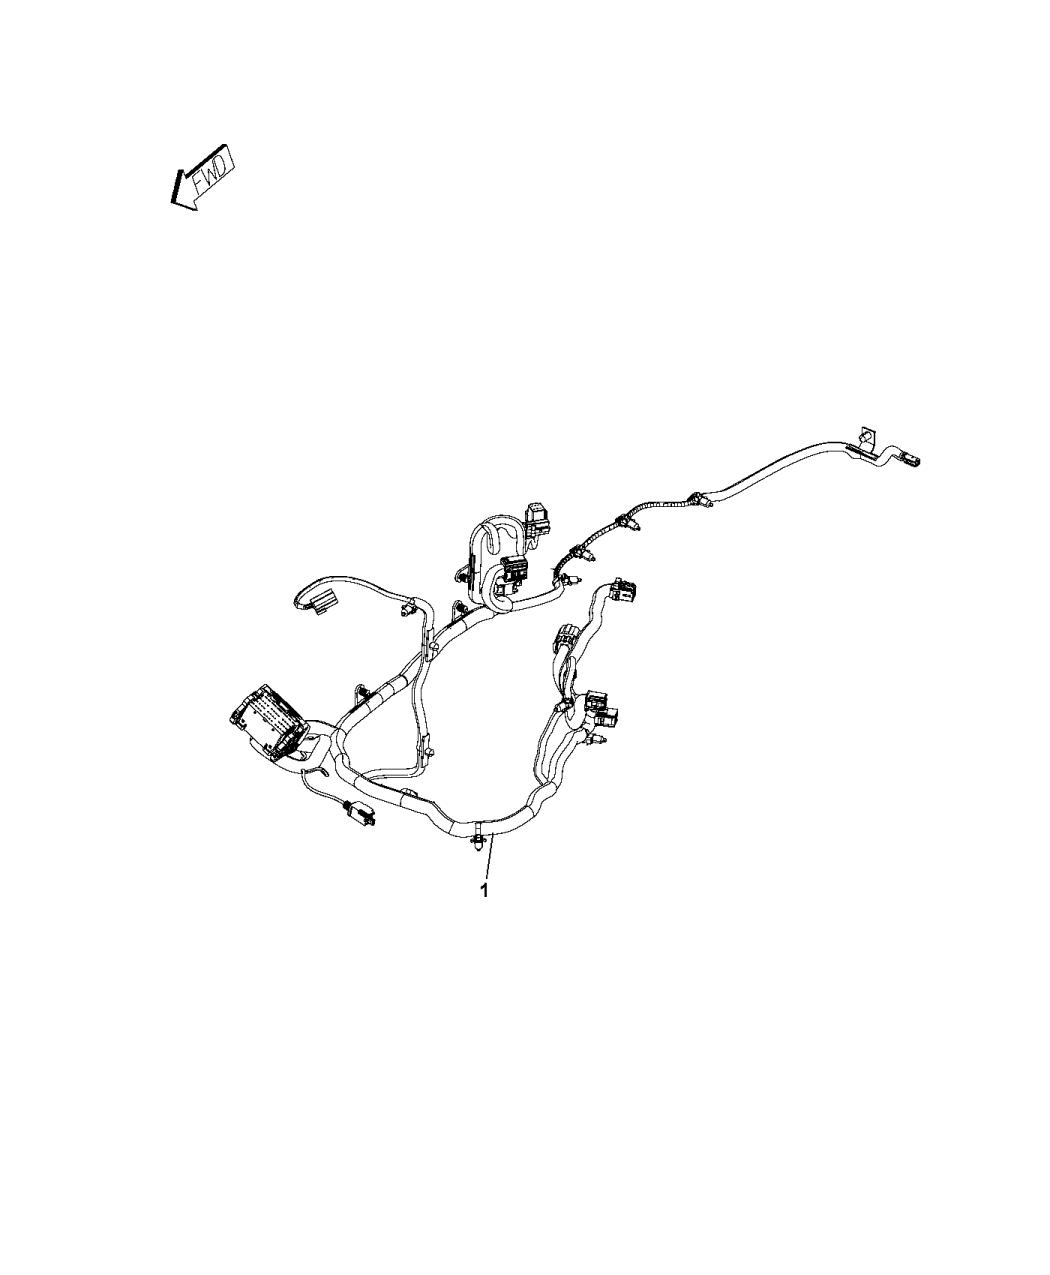 68207965AE - Genuine Mopar WIRING-JUMPER